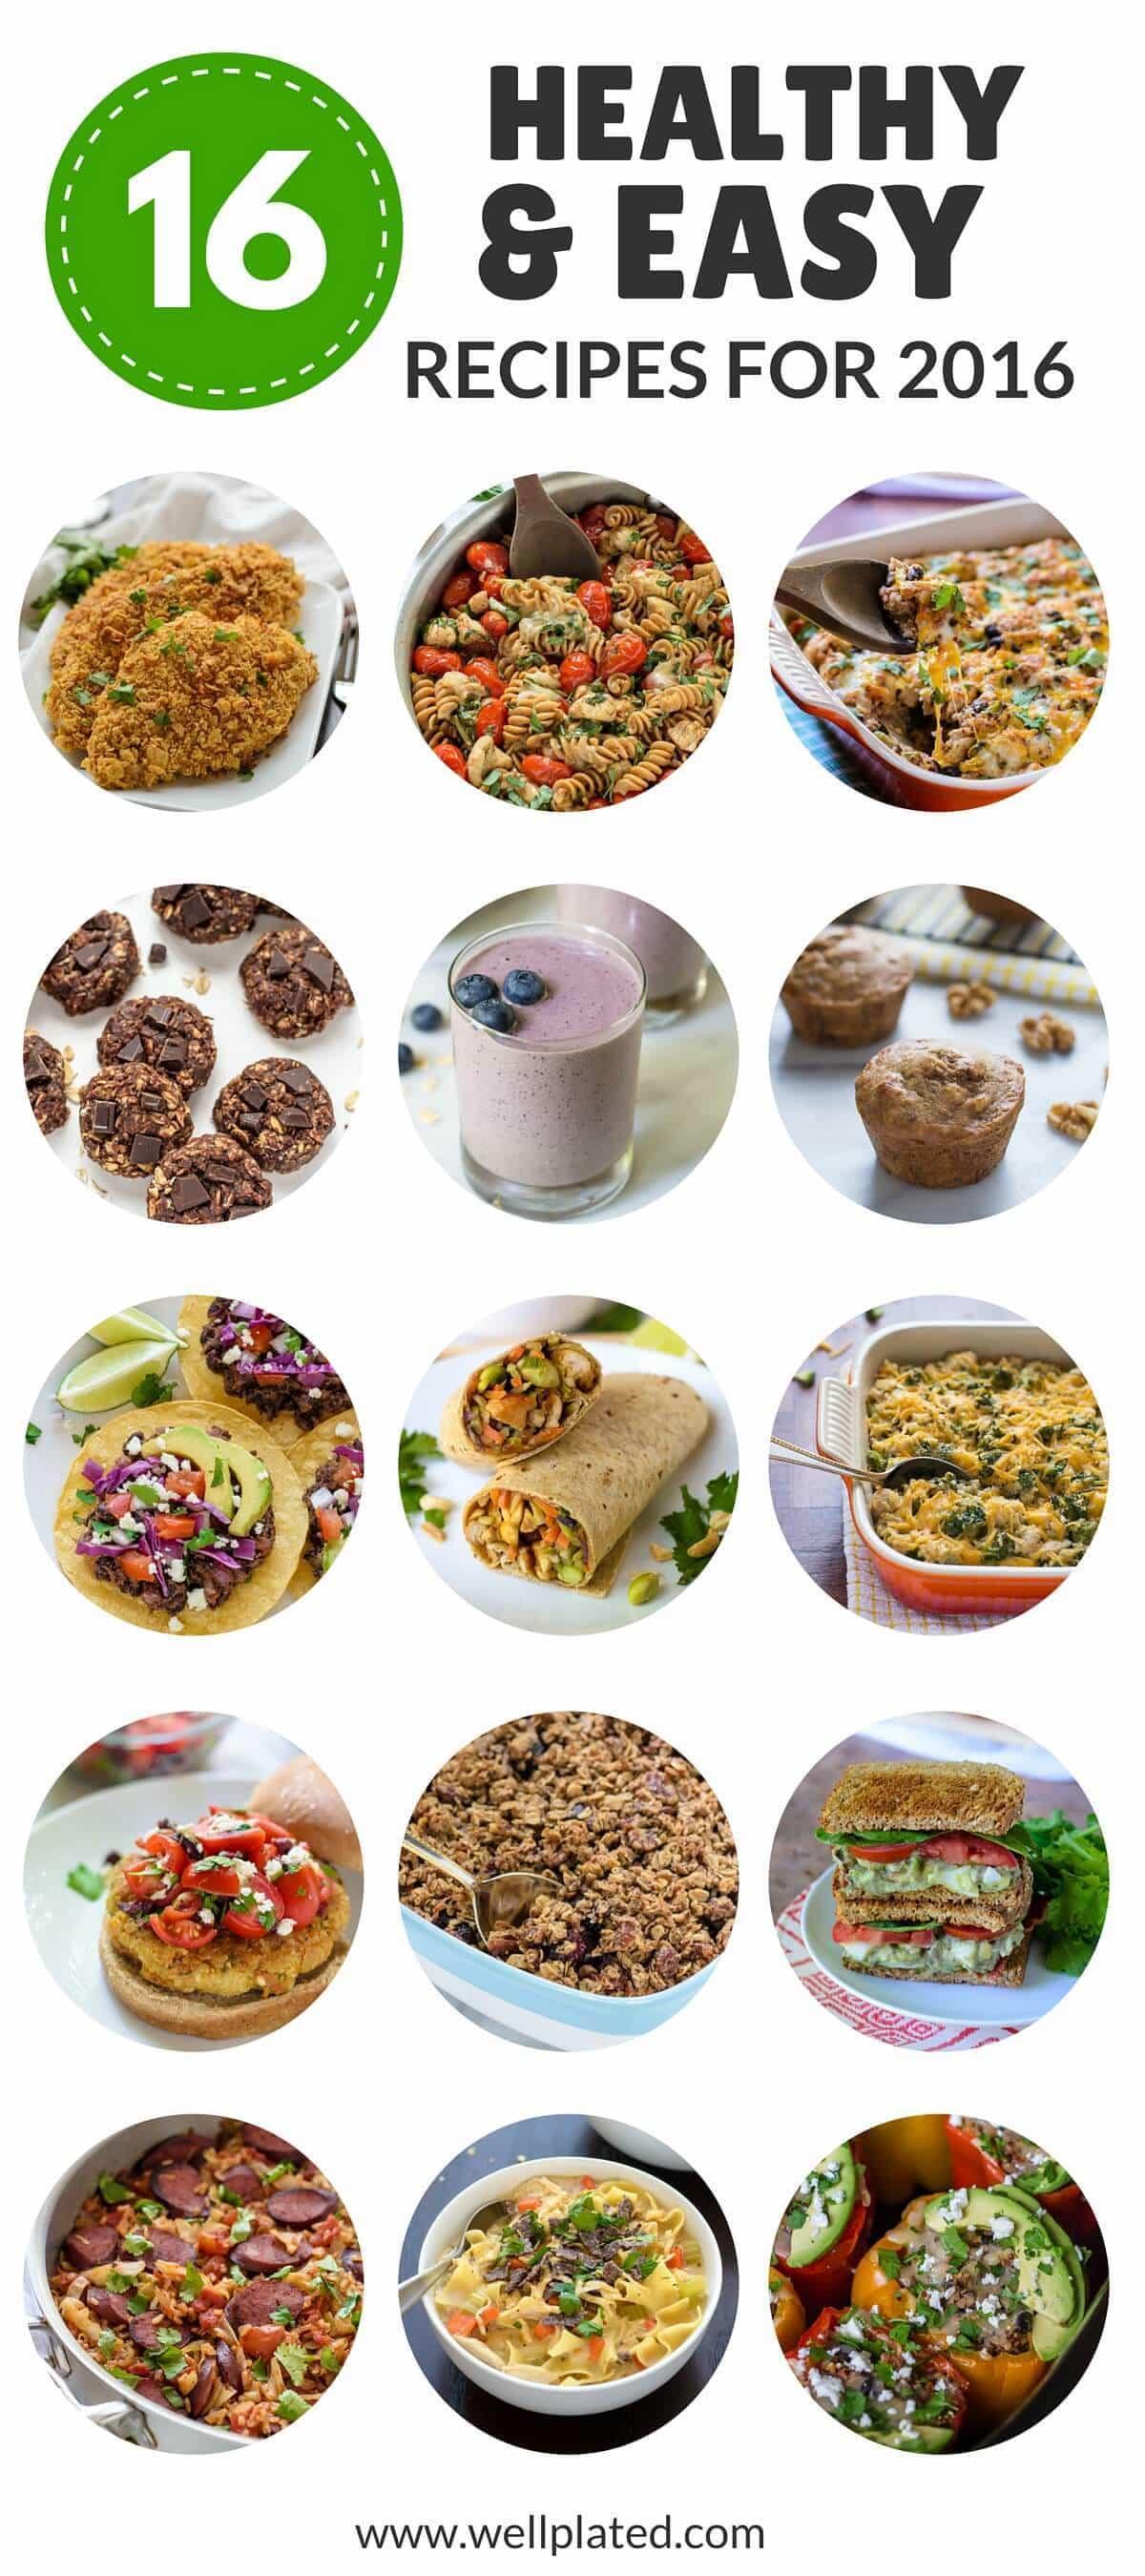 Easy simple healthy recipes